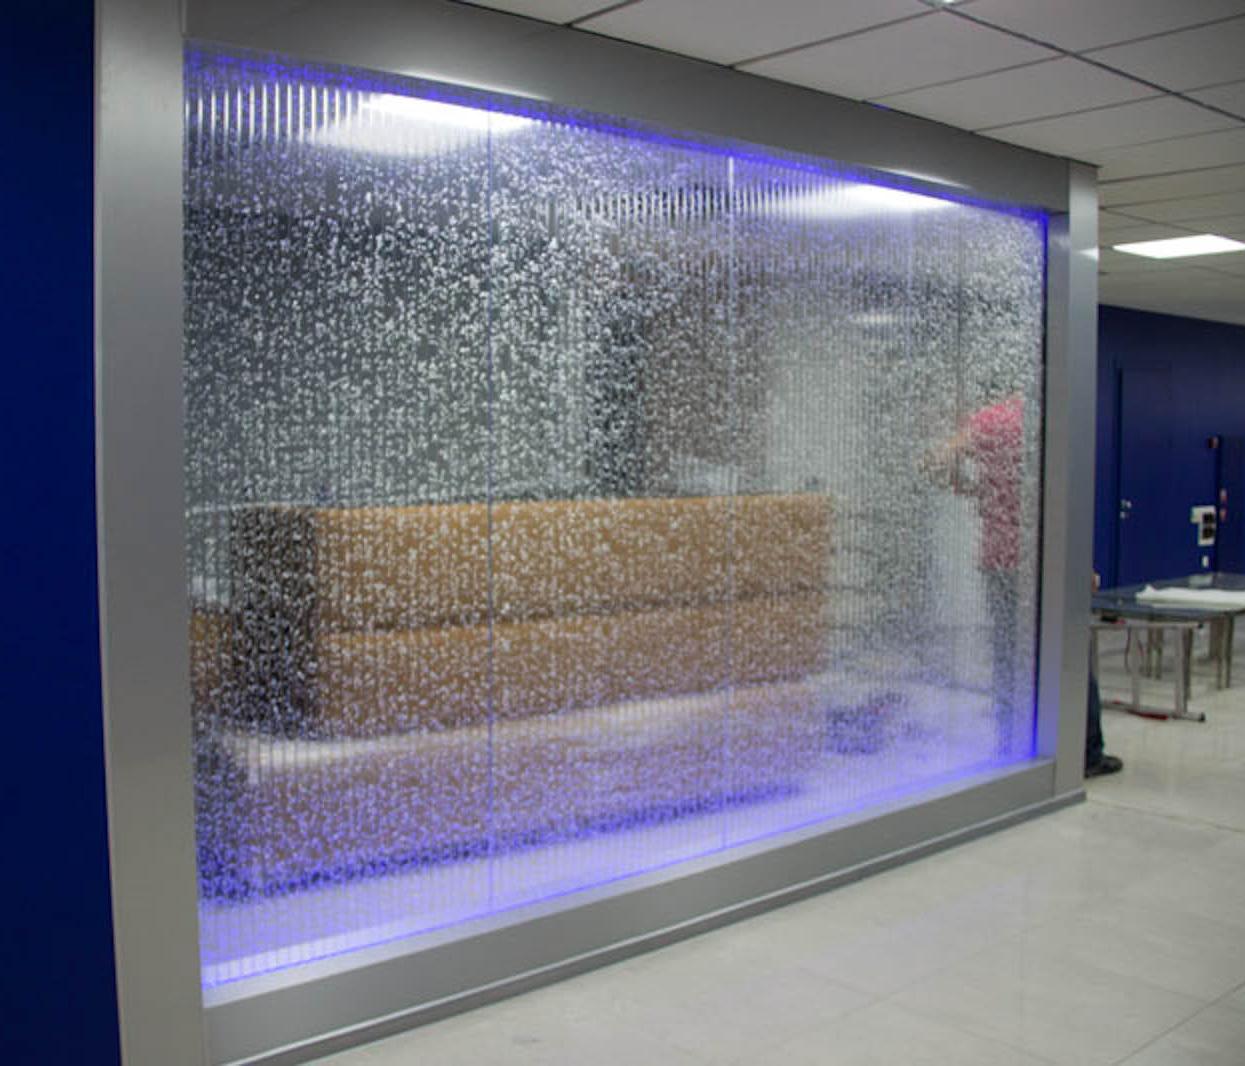 Водяная панель с пузырьками своими руками 83